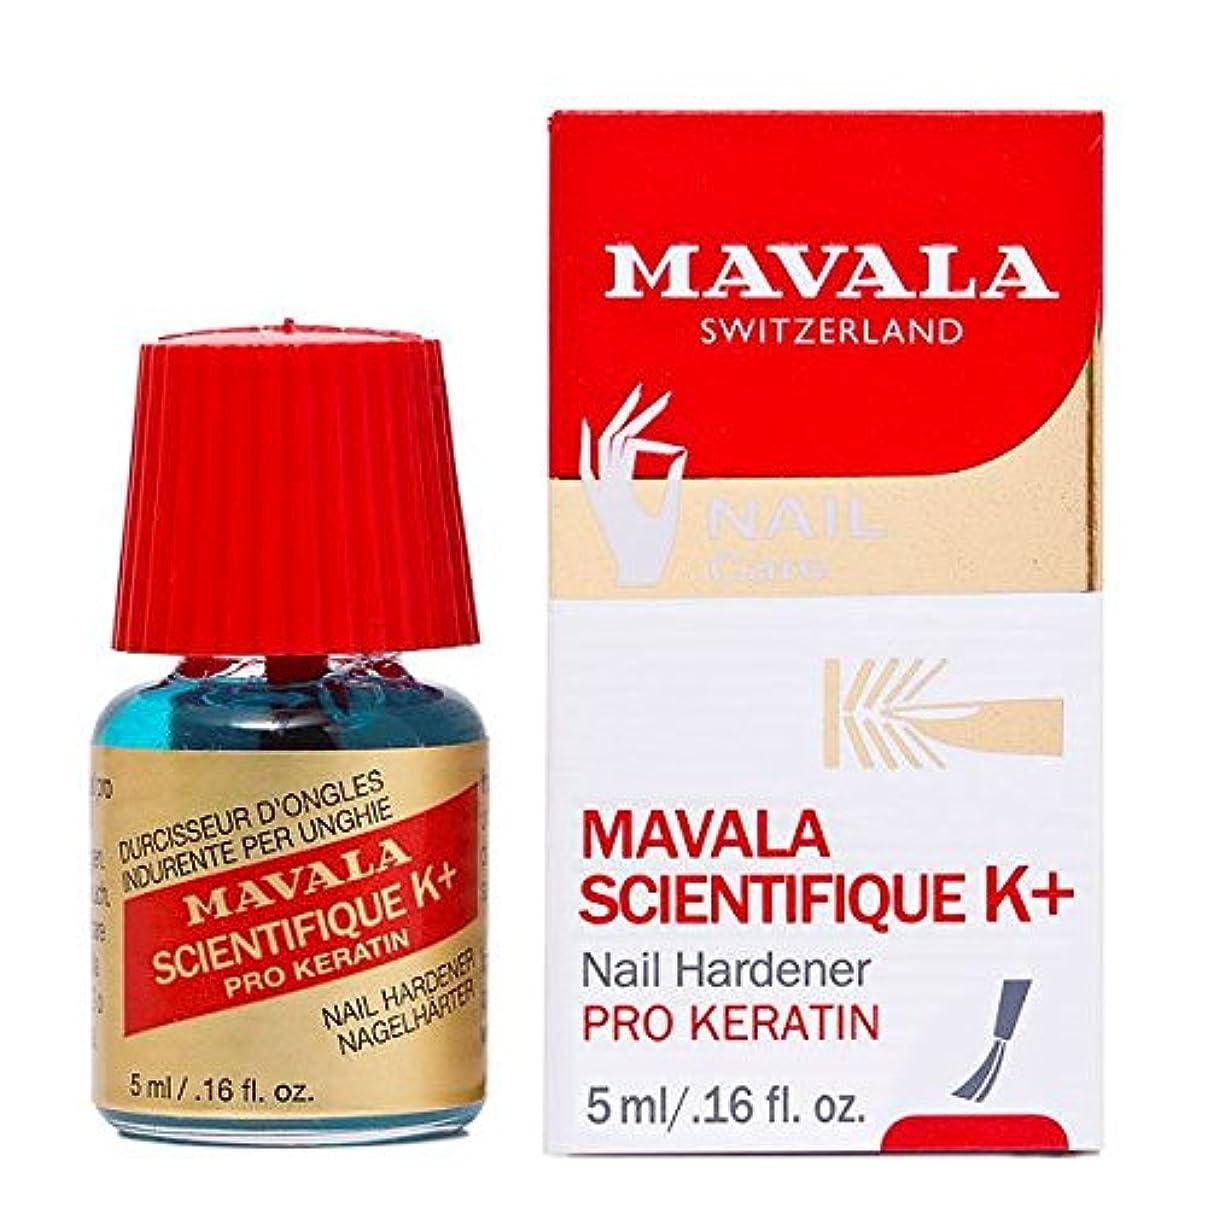 メニュー空の嬉しいですマヴァラ サイエンティフィックKプラスネイルハードナー 5ml [並行輸入品]